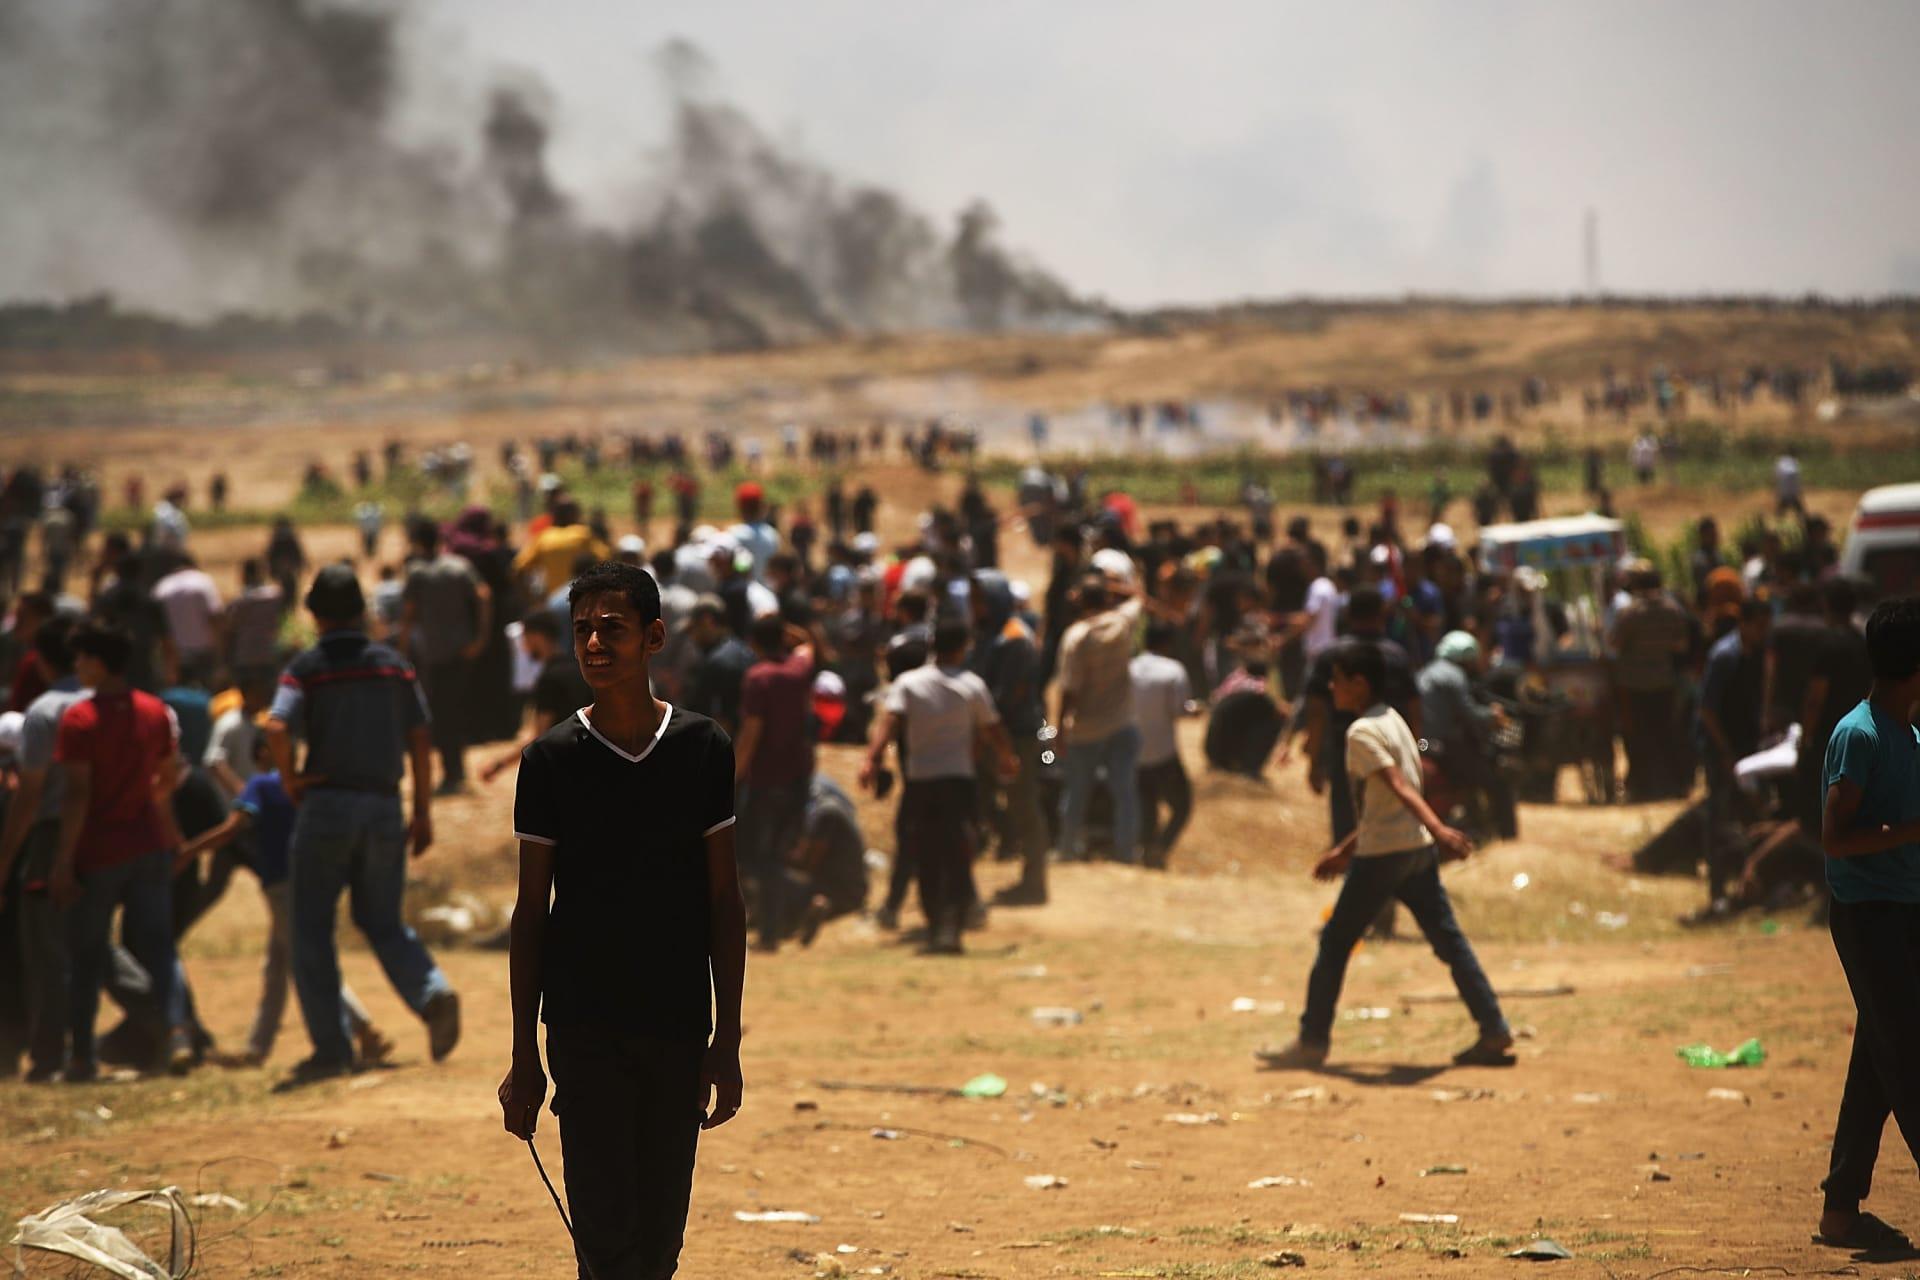 البيت الأبيض يحمّل حماس مسؤولية مقتل عشرات الفلسطينيين في غزة